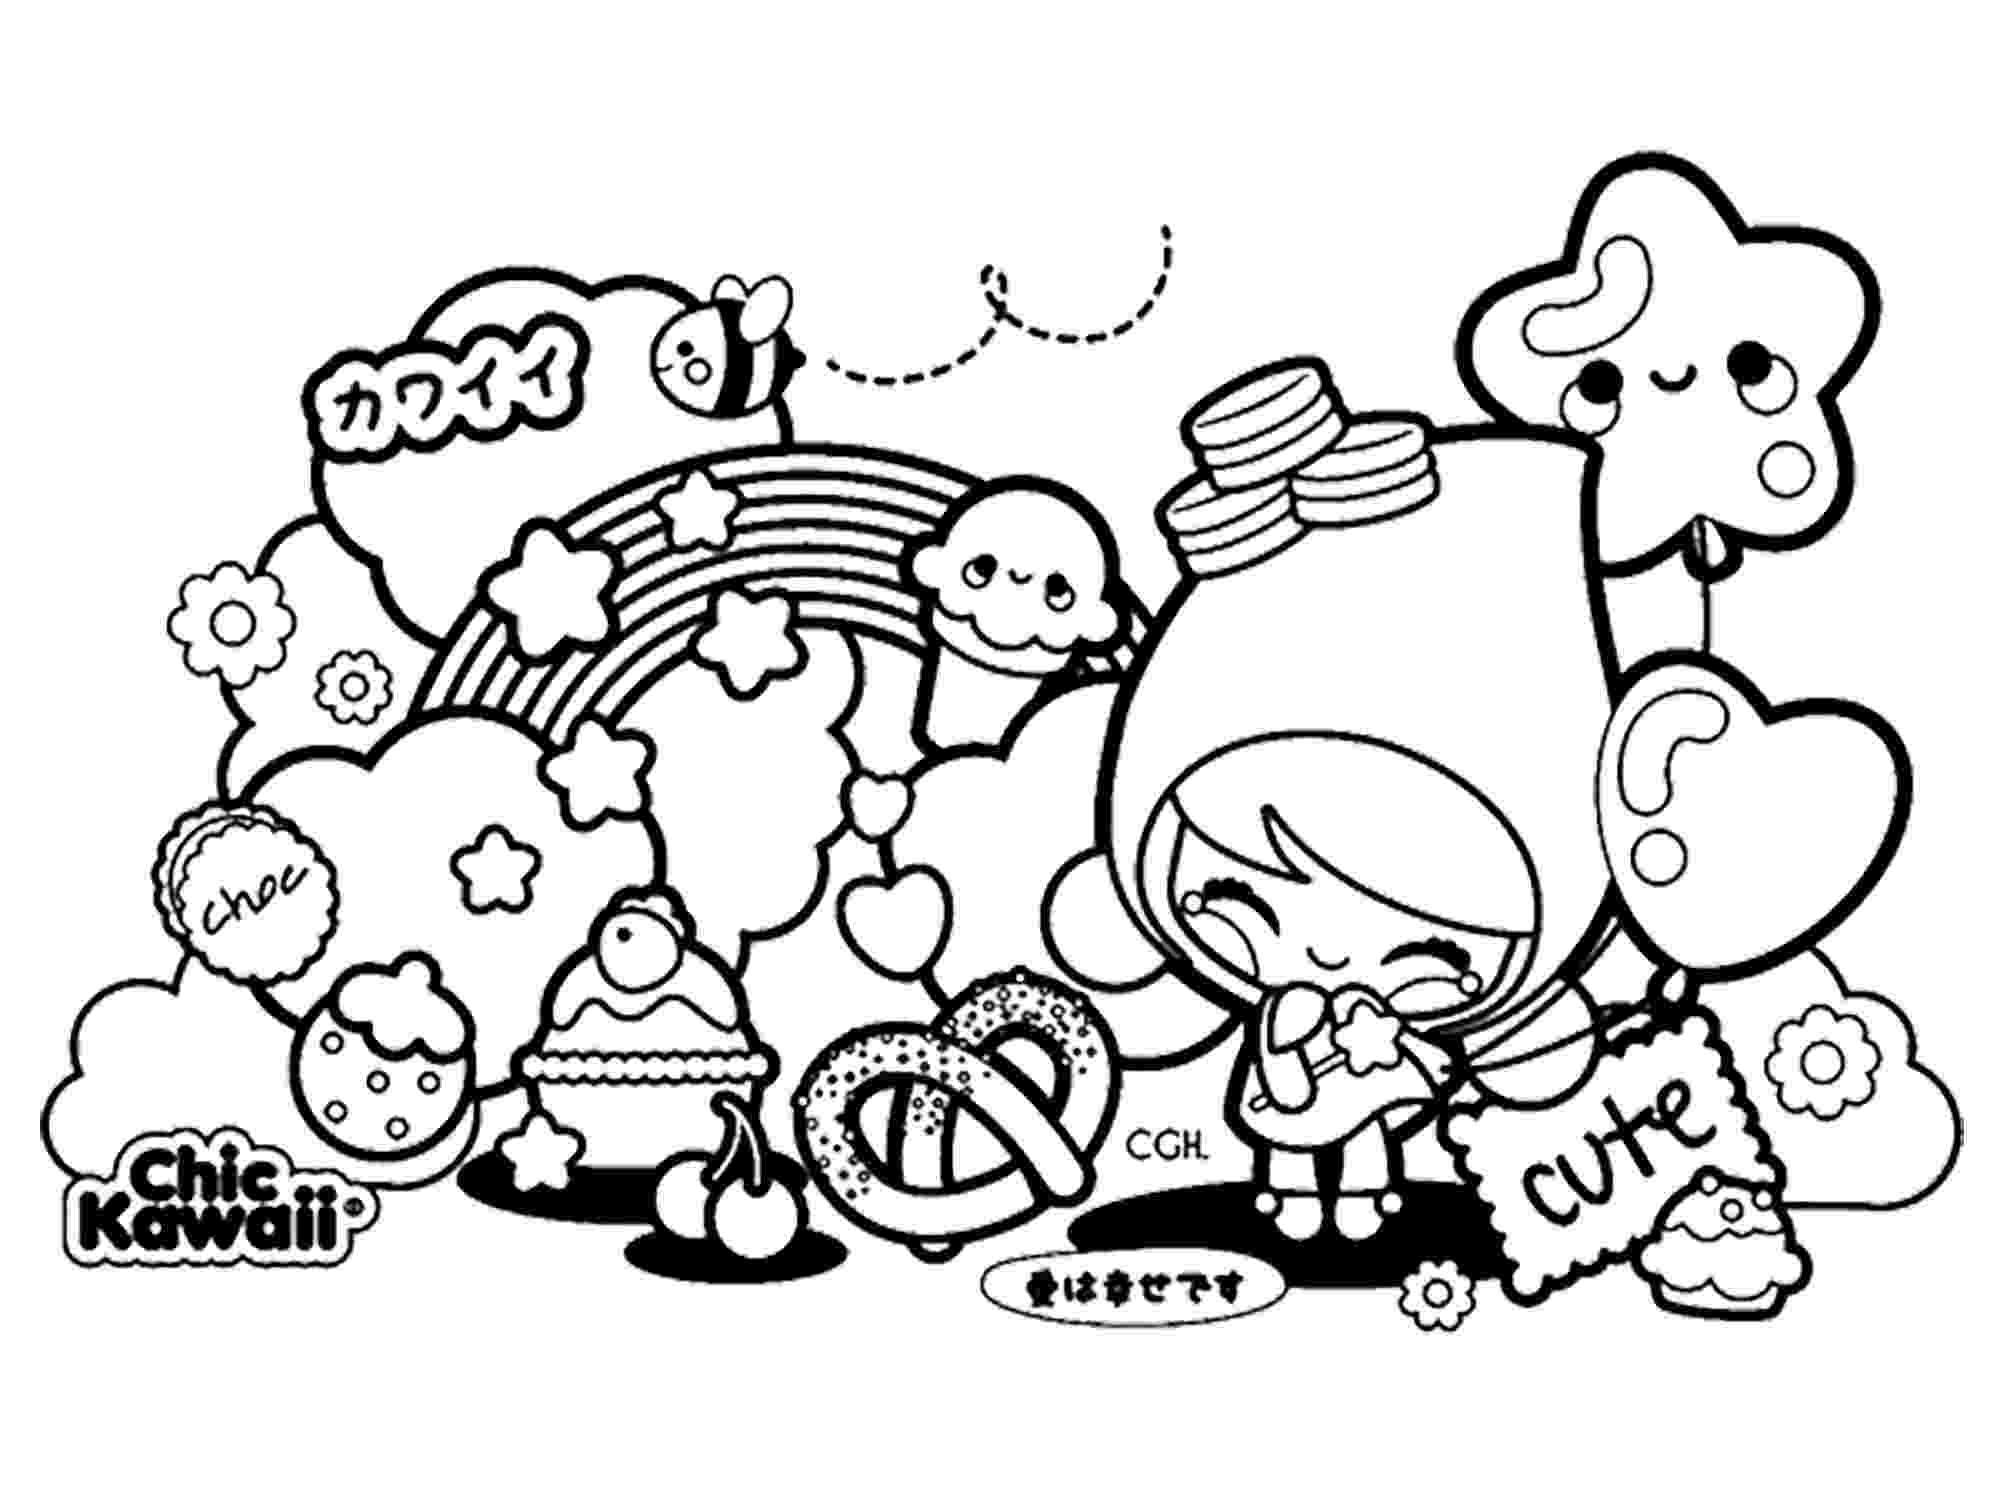 kawaii colouring pages kawaii coloring pages best coloring pages for kids pages kawaii colouring